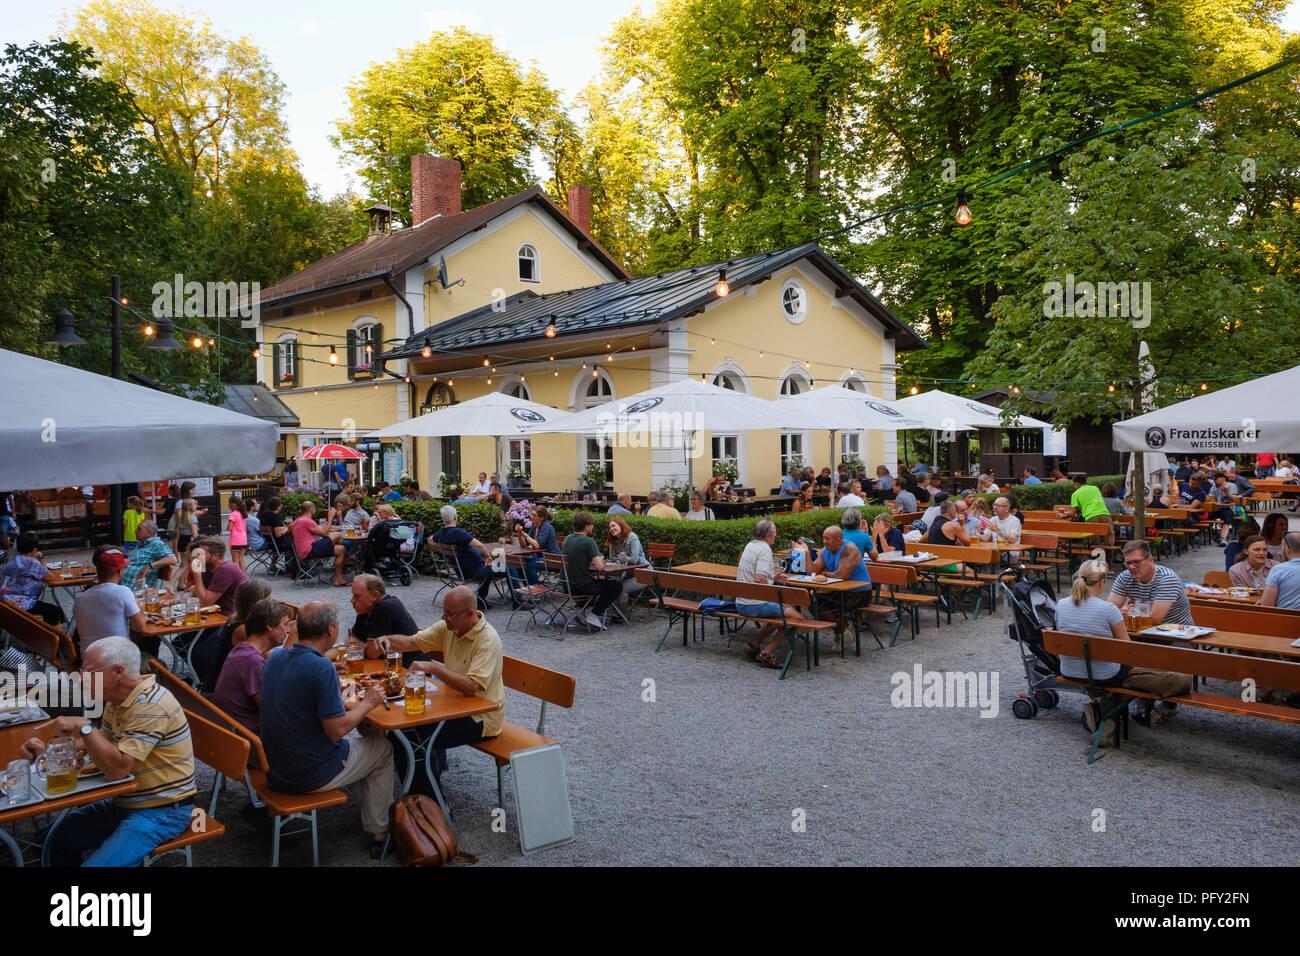 Biergarten Zum Flaucher Sendling Munchen Oberbayern Bayern Deutschland Stockfotografie Alamy